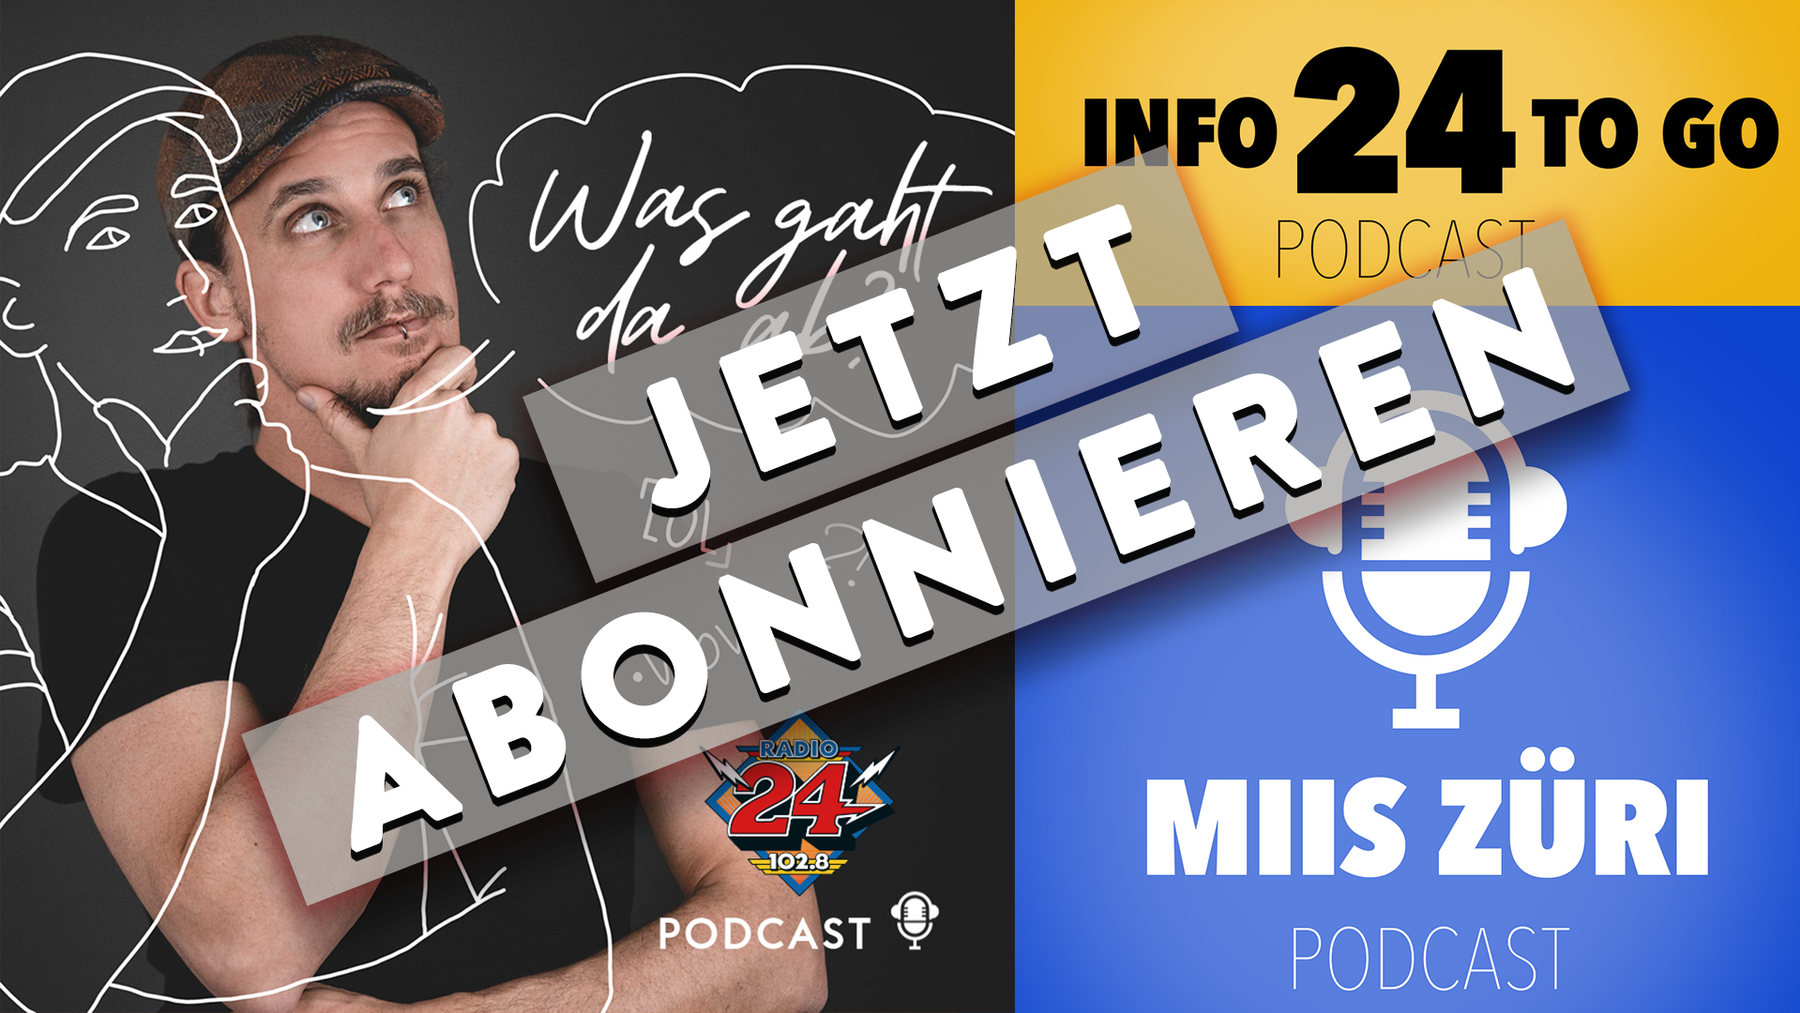 Podcast abonnieren Webbild